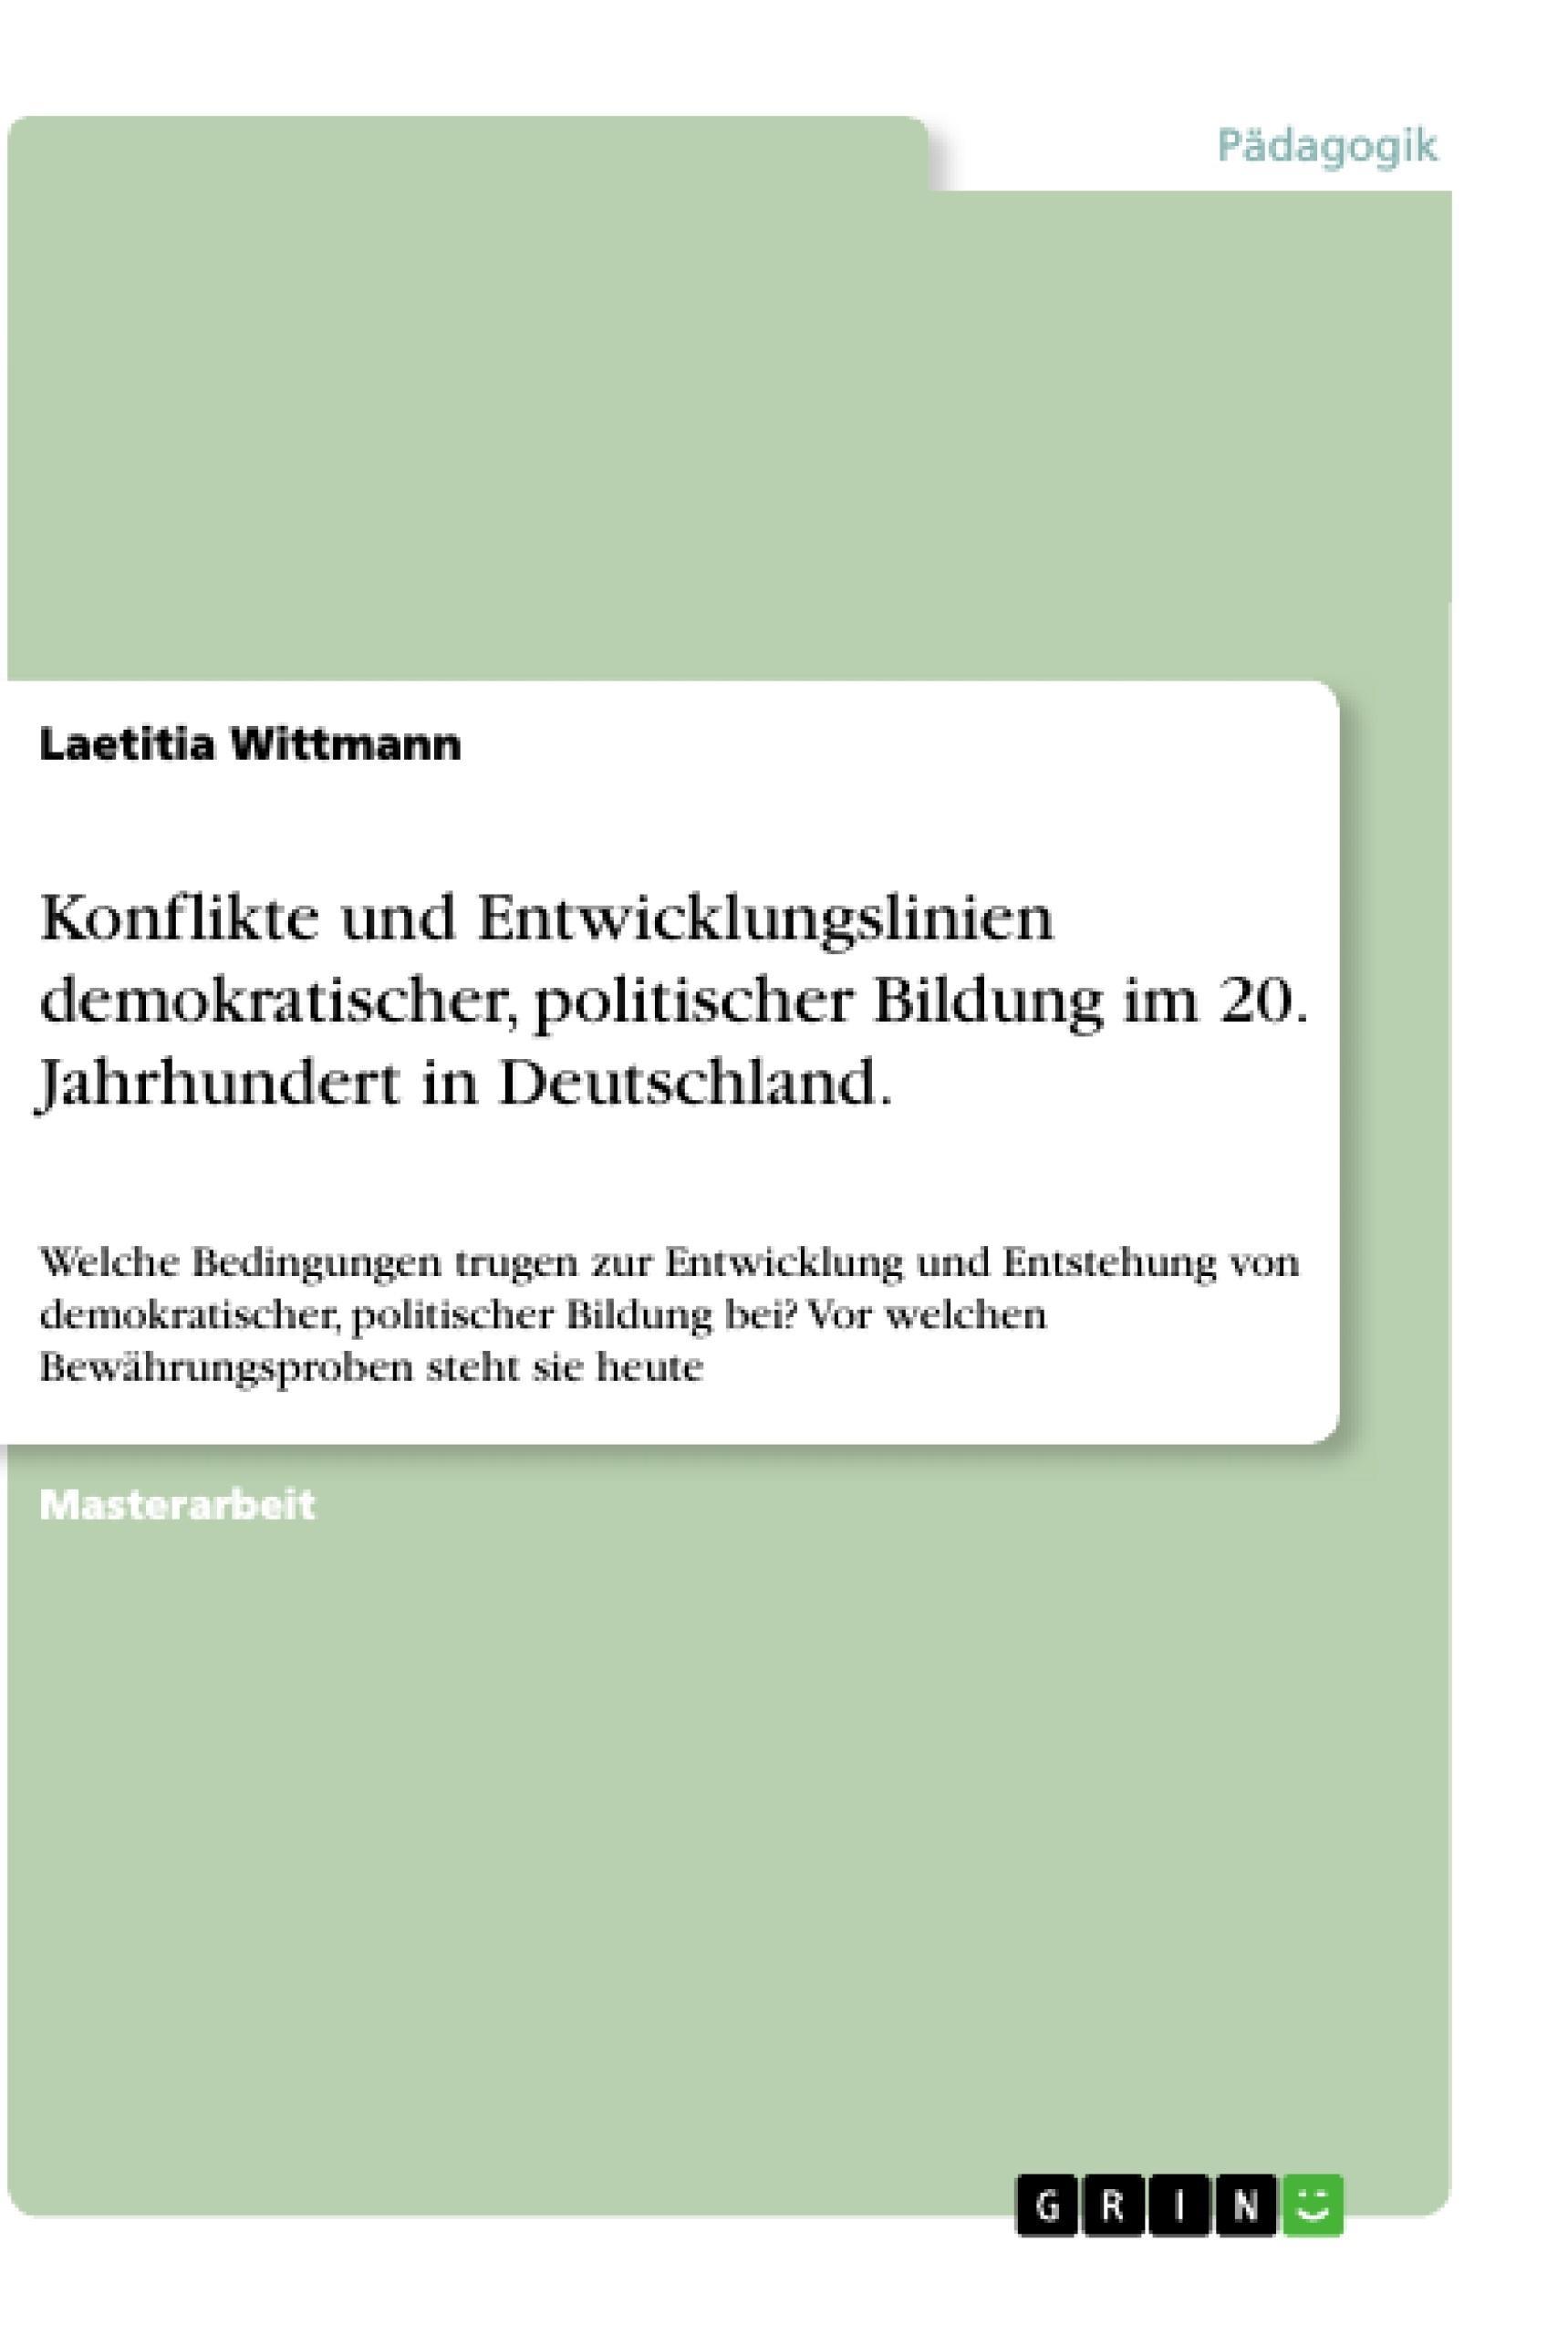 Titel: Konflikte und Entwicklungslinien demokratischer, politischer Bildung im 20. Jahrhundert in Deutschland.